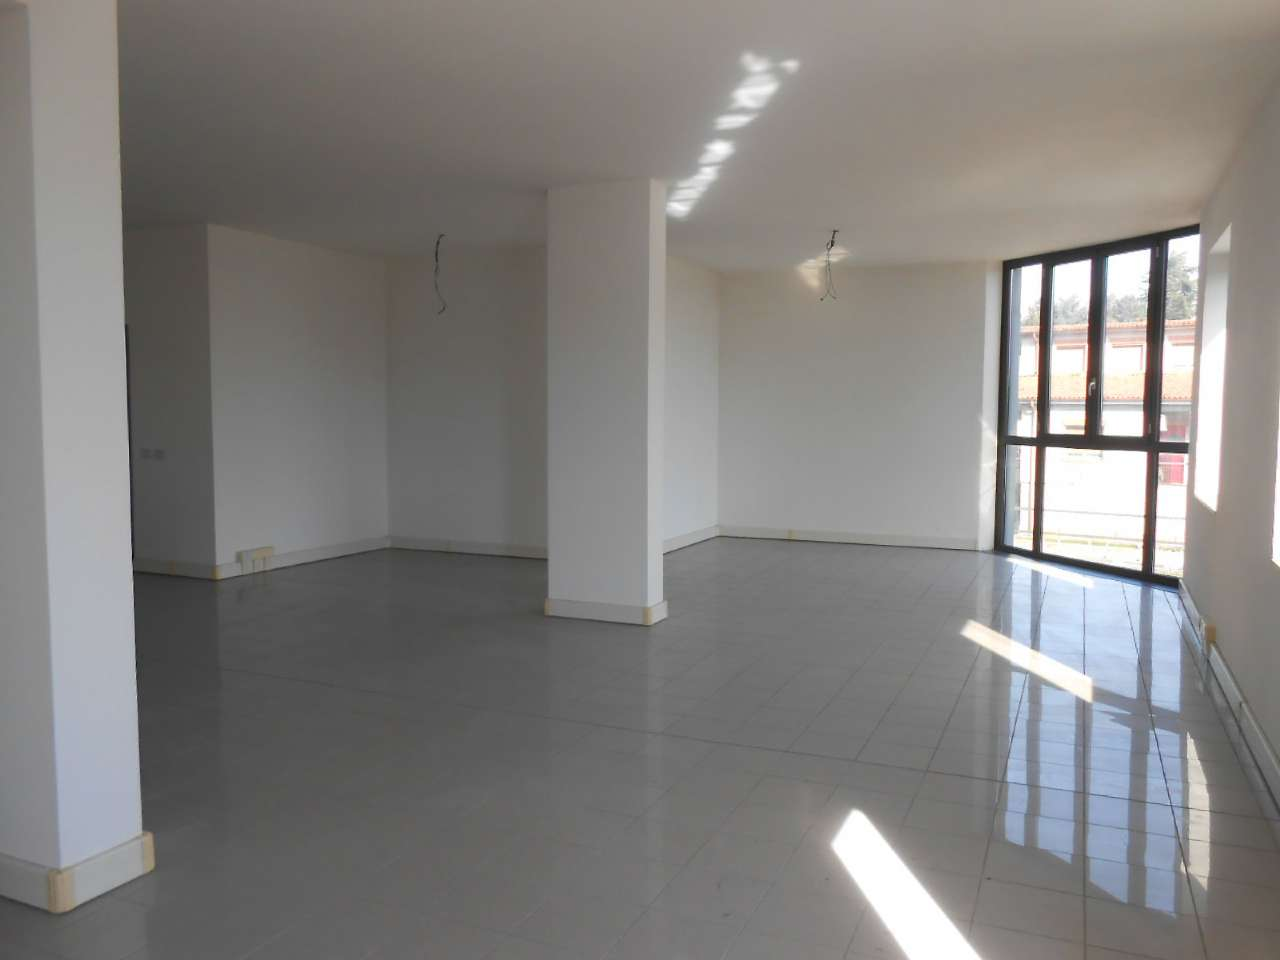 Ufficio / Studio in affitto a Madignano, 2 locali, prezzo € 790 | PortaleAgenzieImmobiliari.it